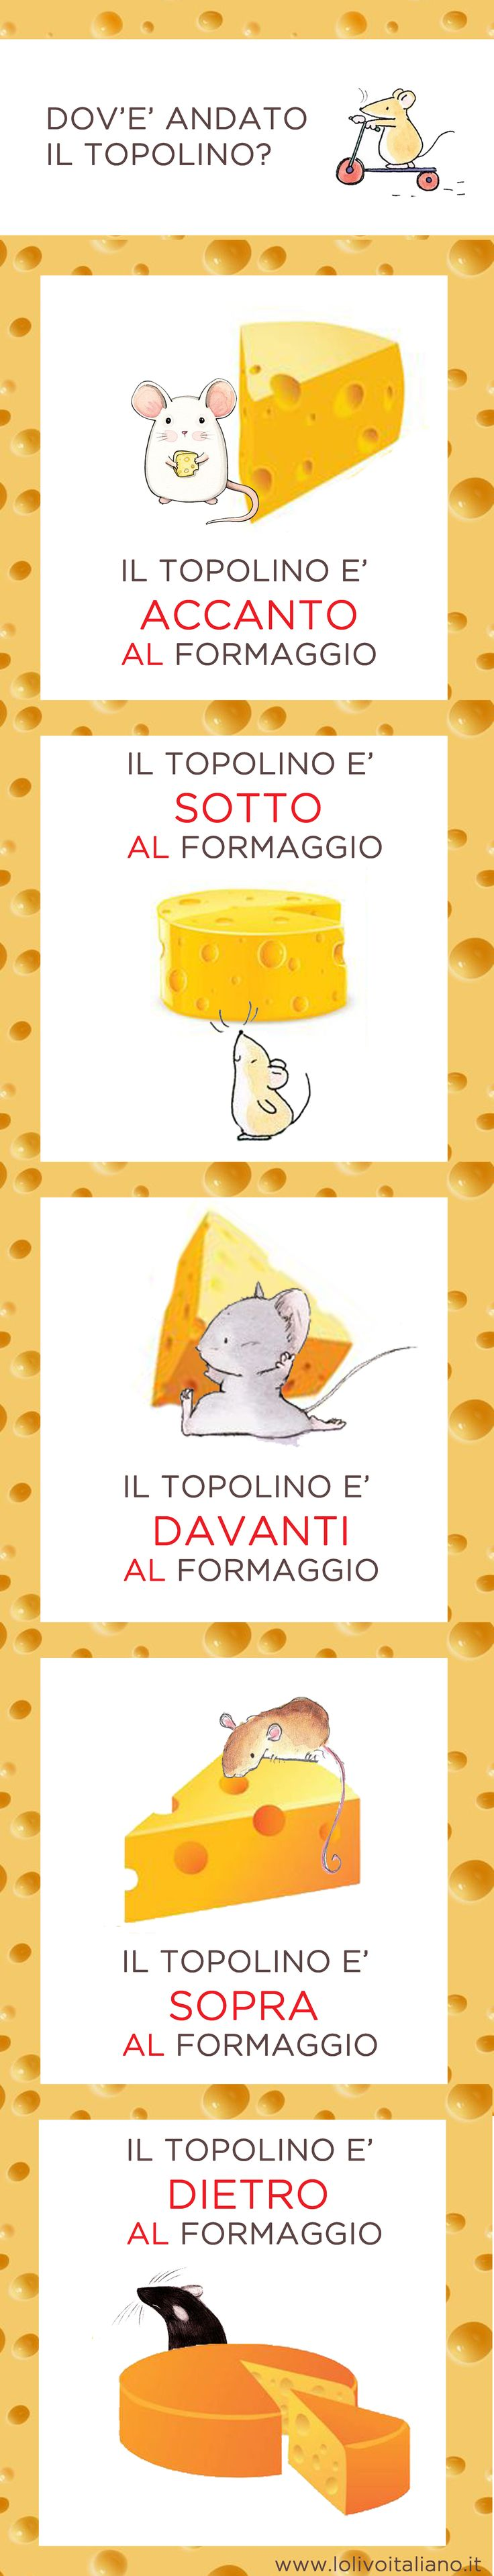 Dov'è andato il topolino? Scopriamo insieme come si esprime in italiano la posizione!